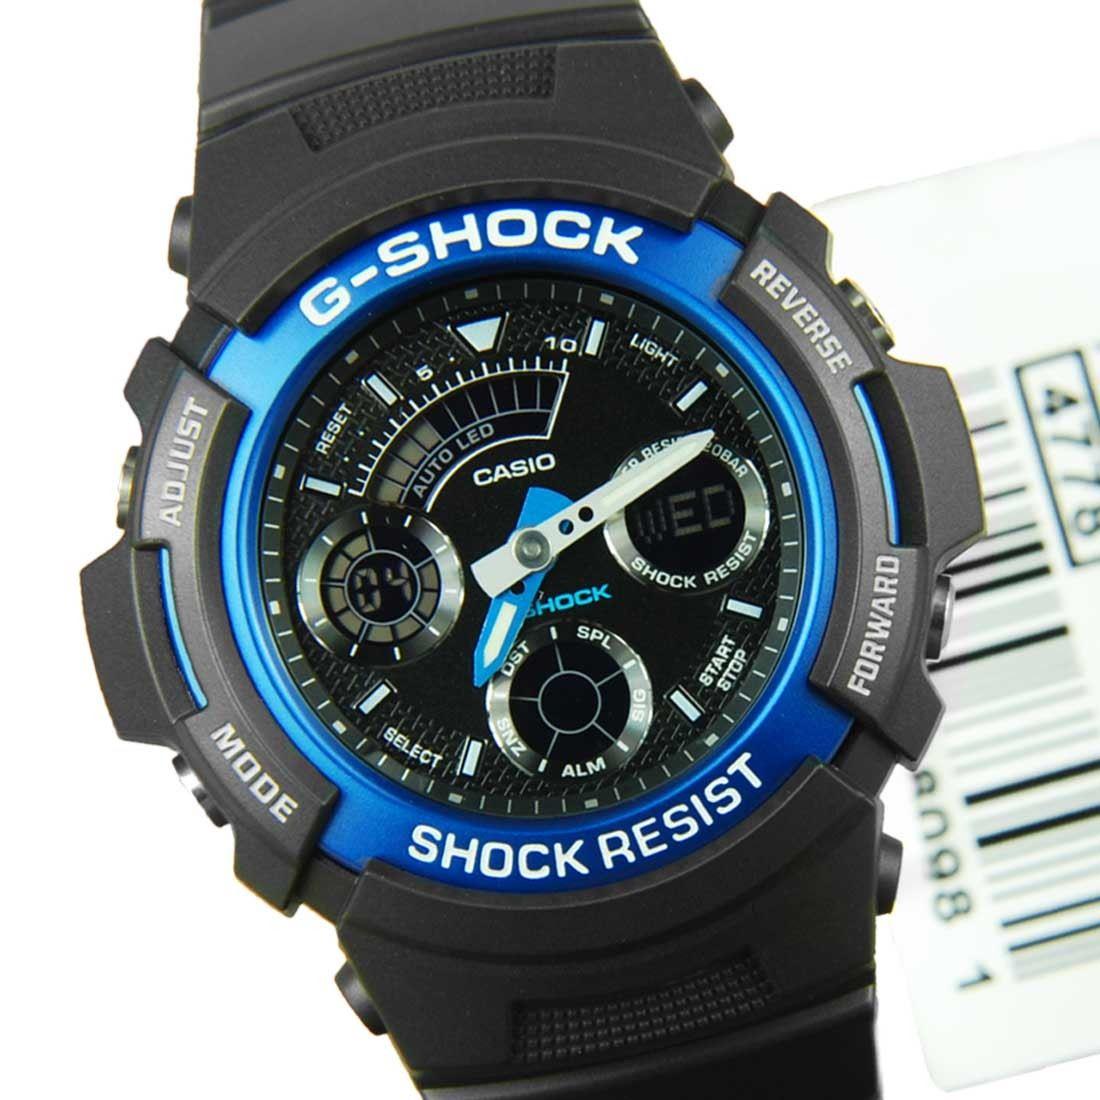 энергичному часы g shock aw 591 дизайнеров сейчас